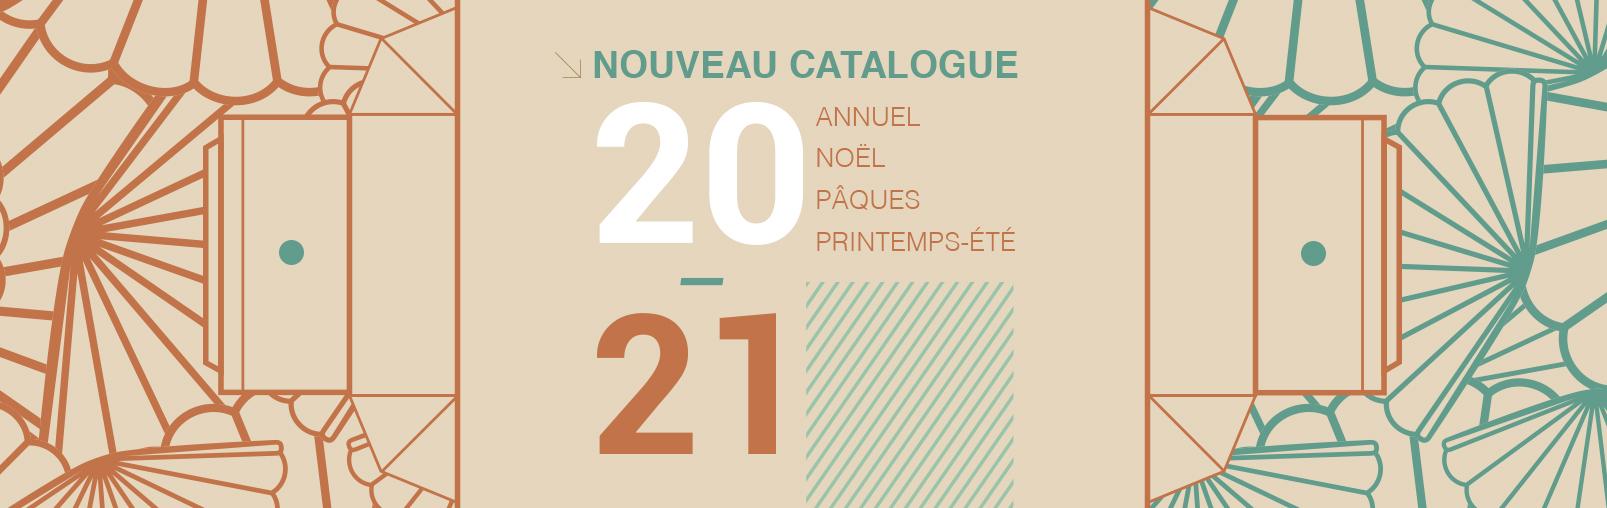 NOEL_nouveau_catalogue_2020